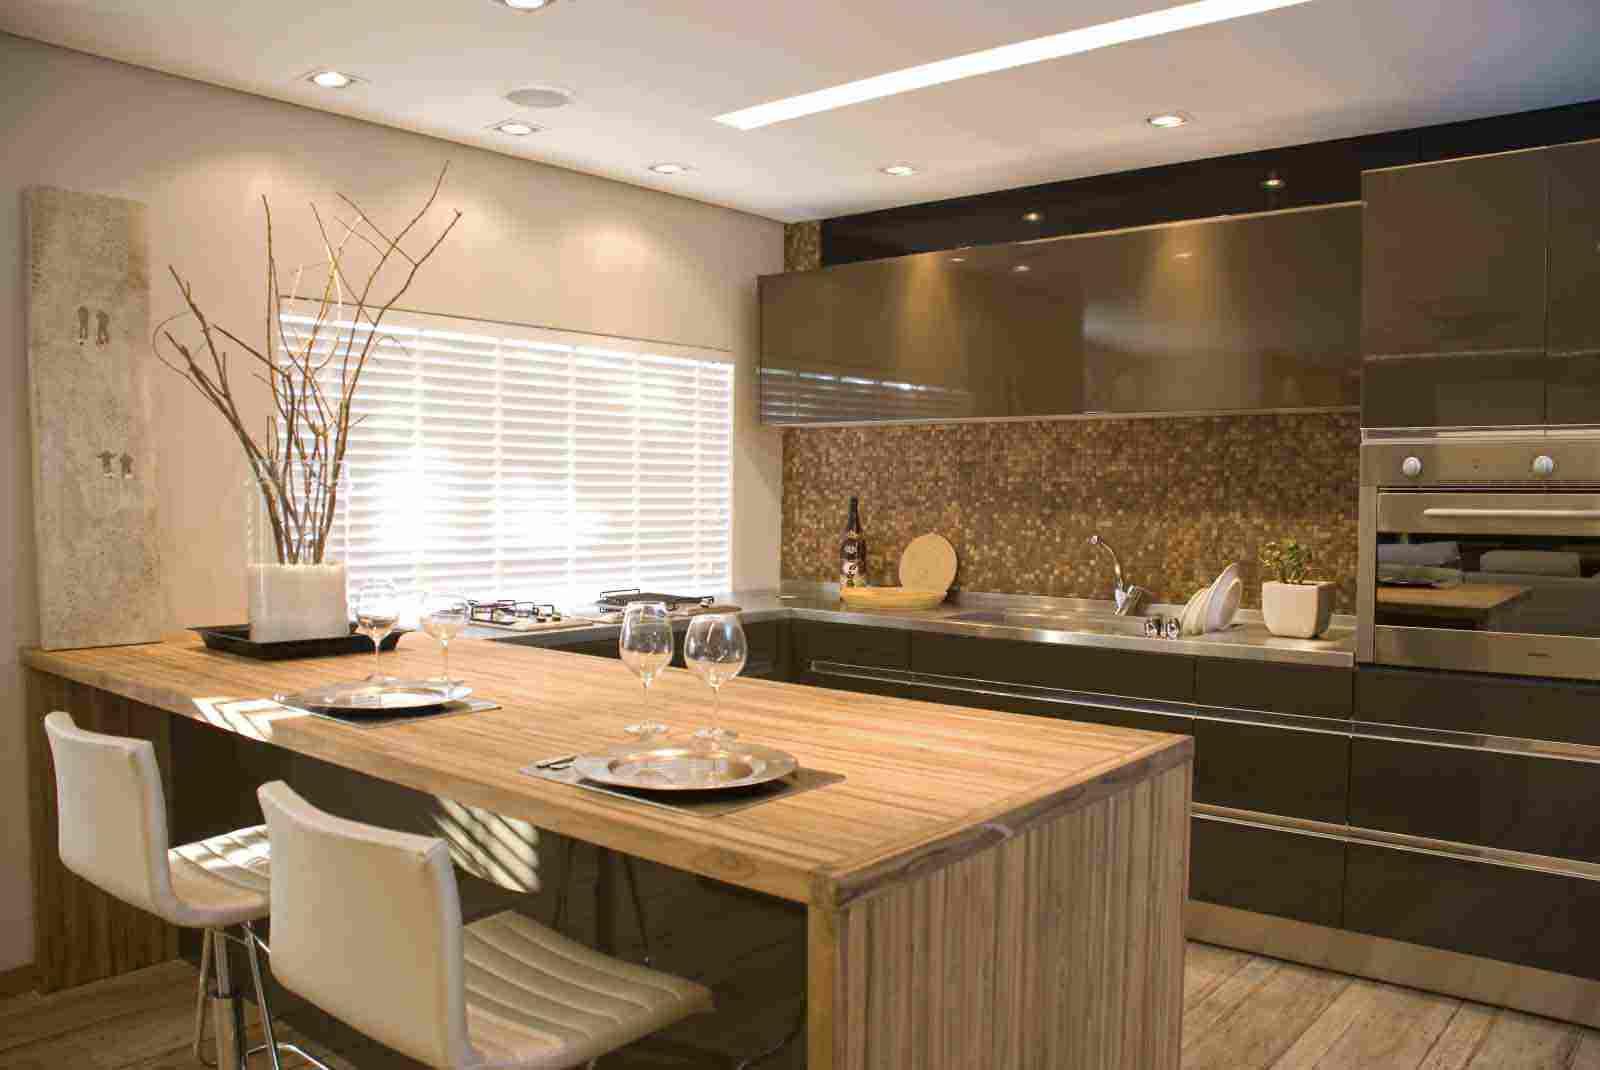 #936638 Brilhuu's: Decoração de Interiores 1600x1070 píxeis em Como Decorar Uma Sala Pequena Com Cozinha Americana